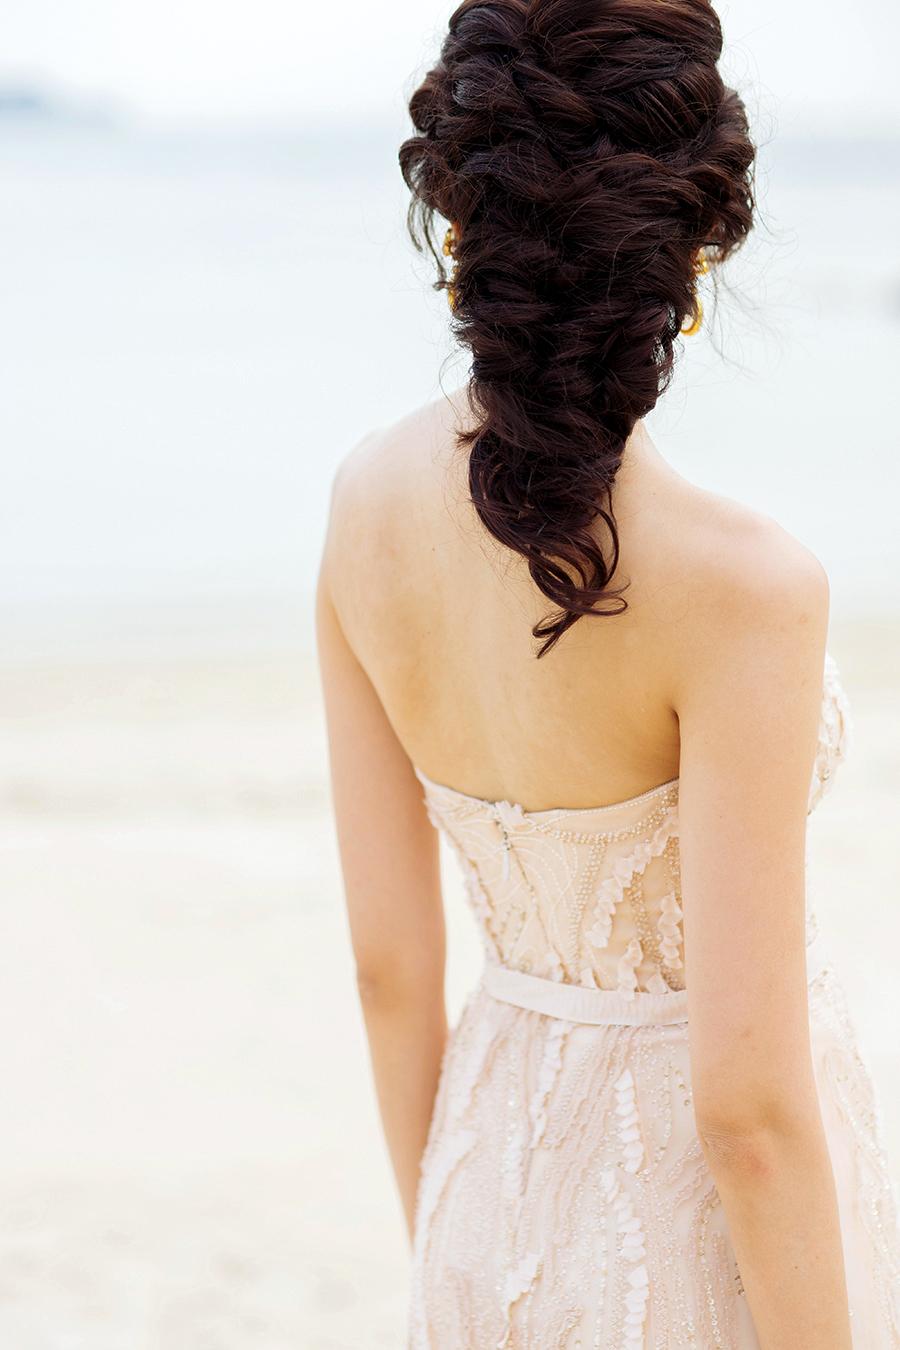 braids trouve photography